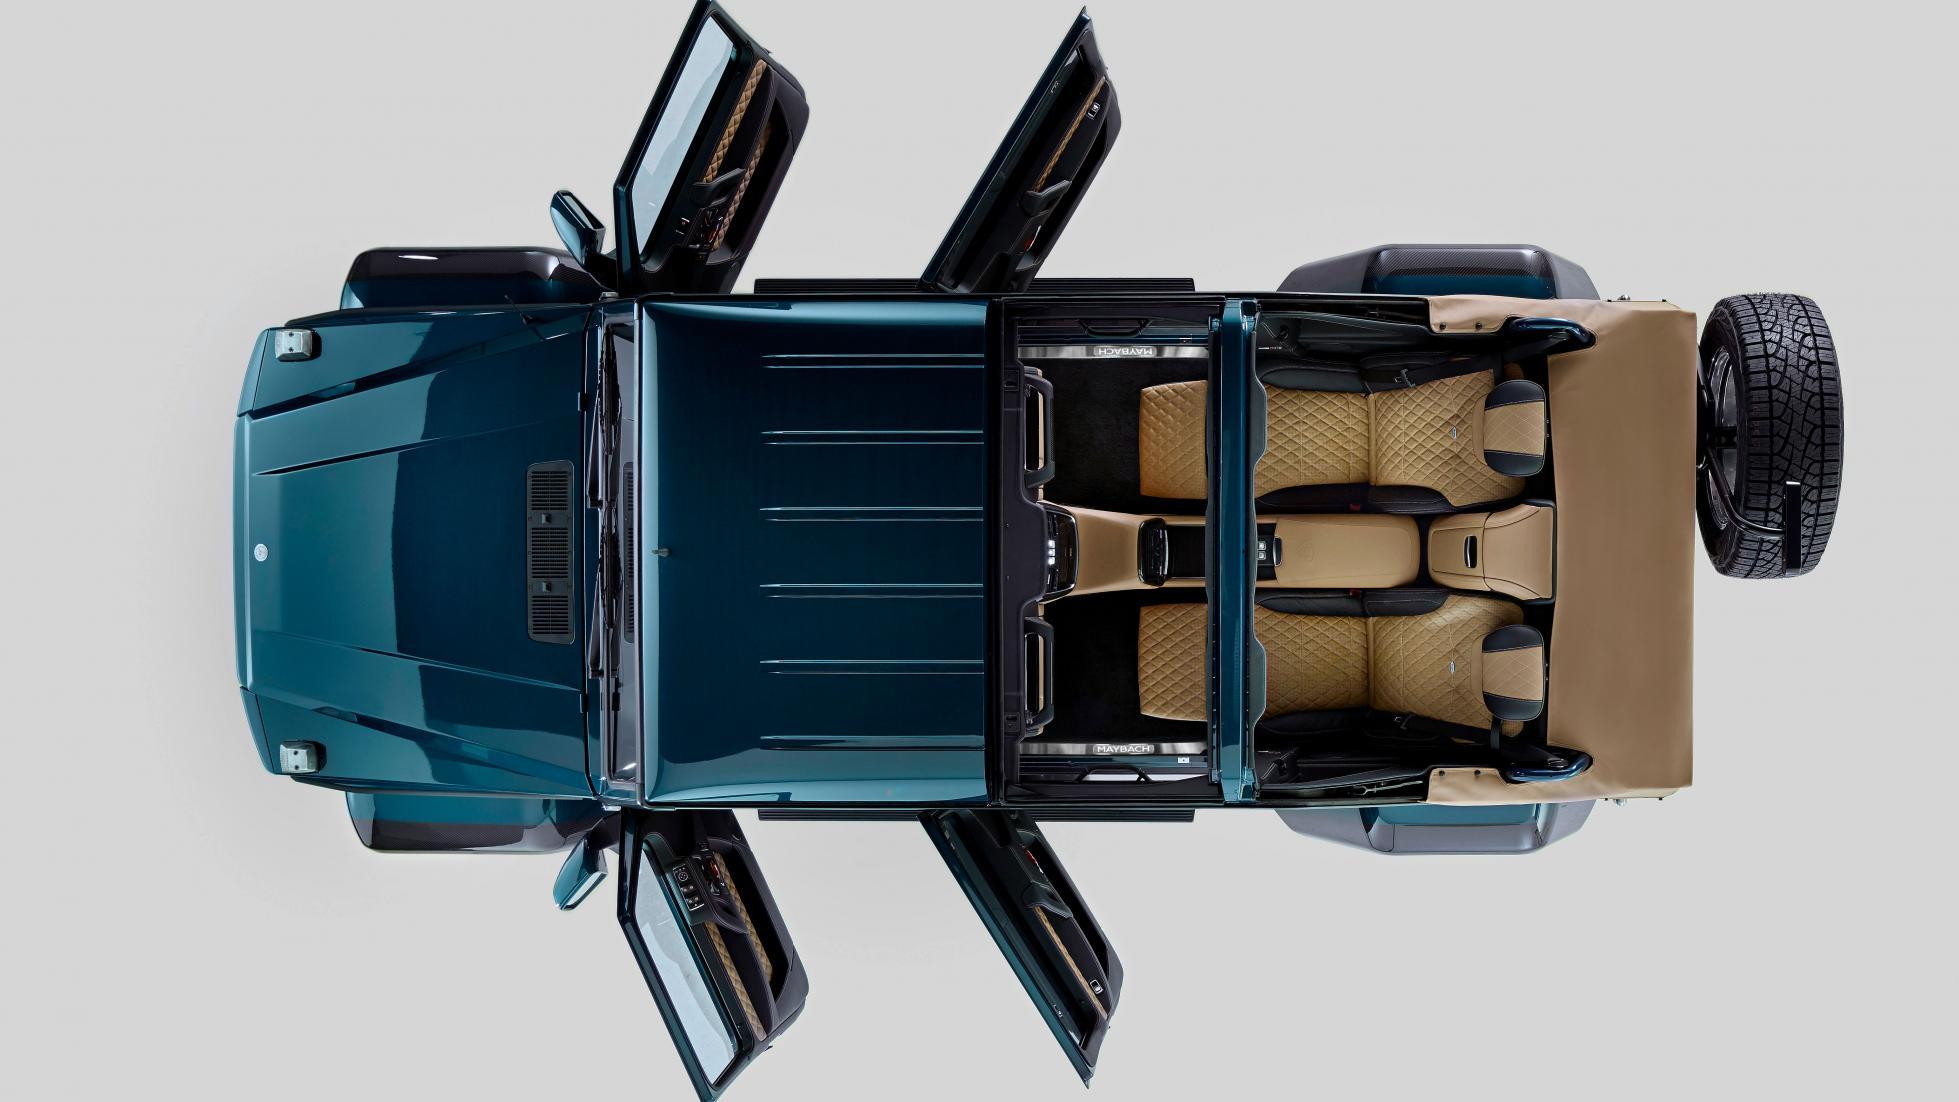 ترکیب دو دست قدرتمند بنز در یک خودرو/ آشنایی با این بنز نفس را بند میآورد